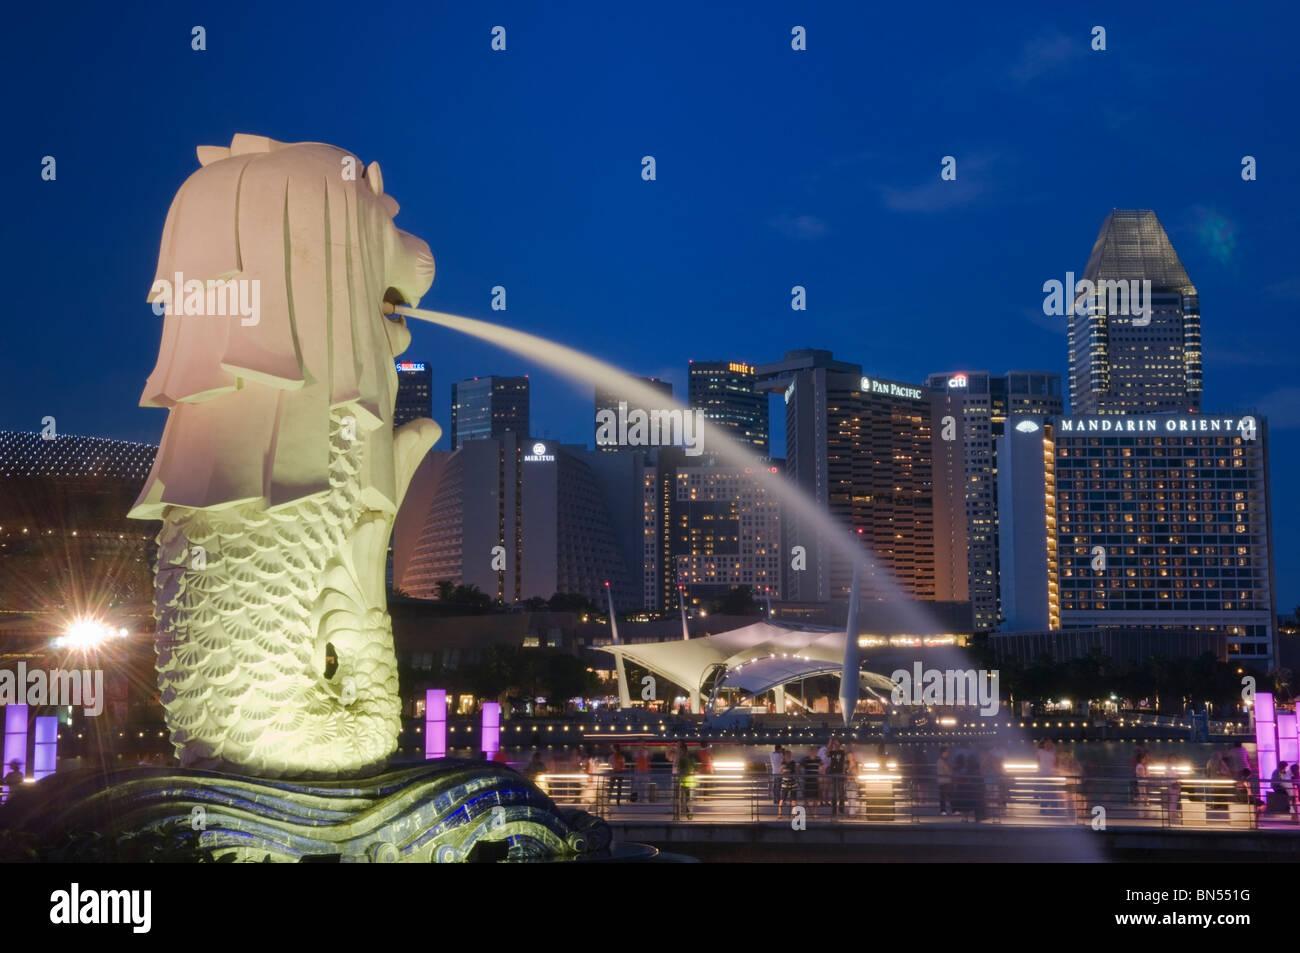 Statue du Merlion et de Suntec City skyline Singapour Banque D'Images